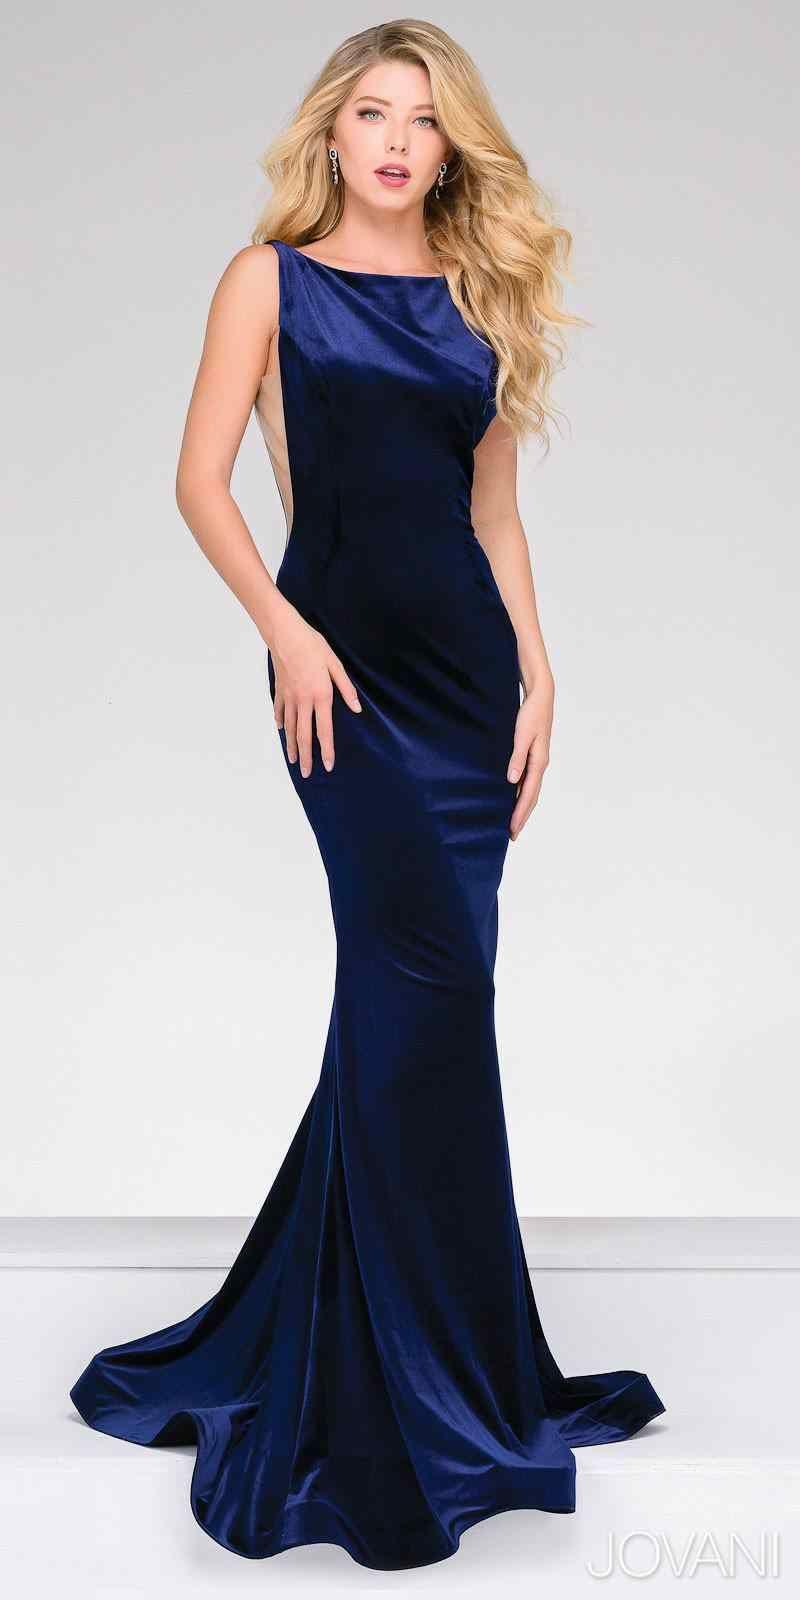 c44dfd990ad3e 2019 Düğünleri İçin Kadife Abiye ve Gece Elbiseleri in 2019 | Abiye ...